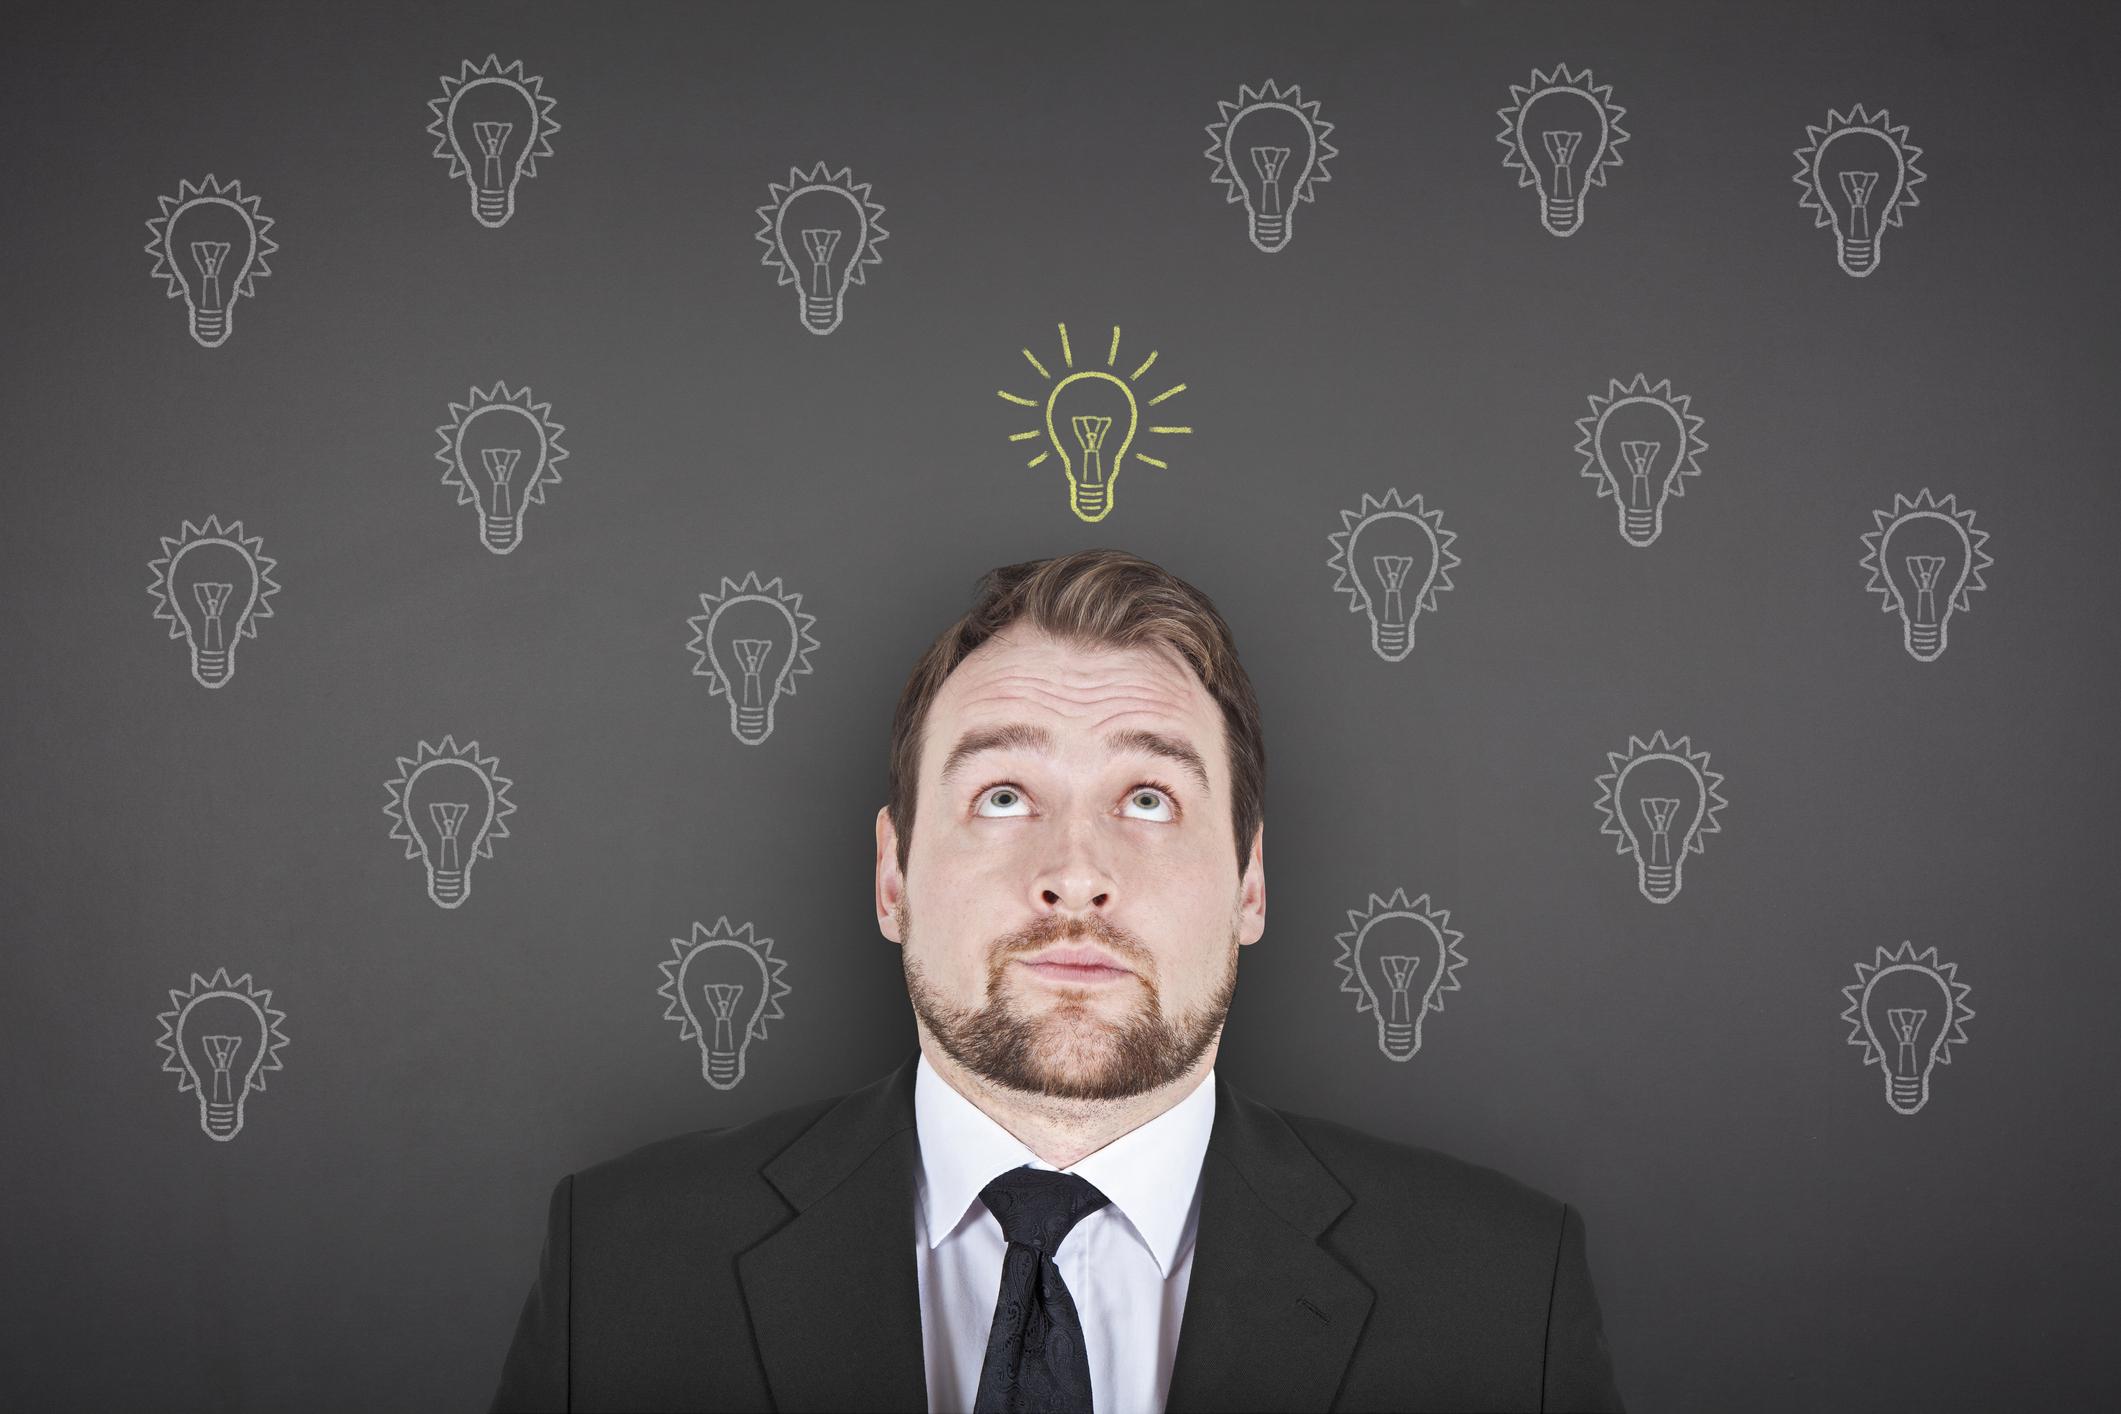 Бизнес идеи для малого бизнеса в Украине – что выбрать и как начать зарабатывать?